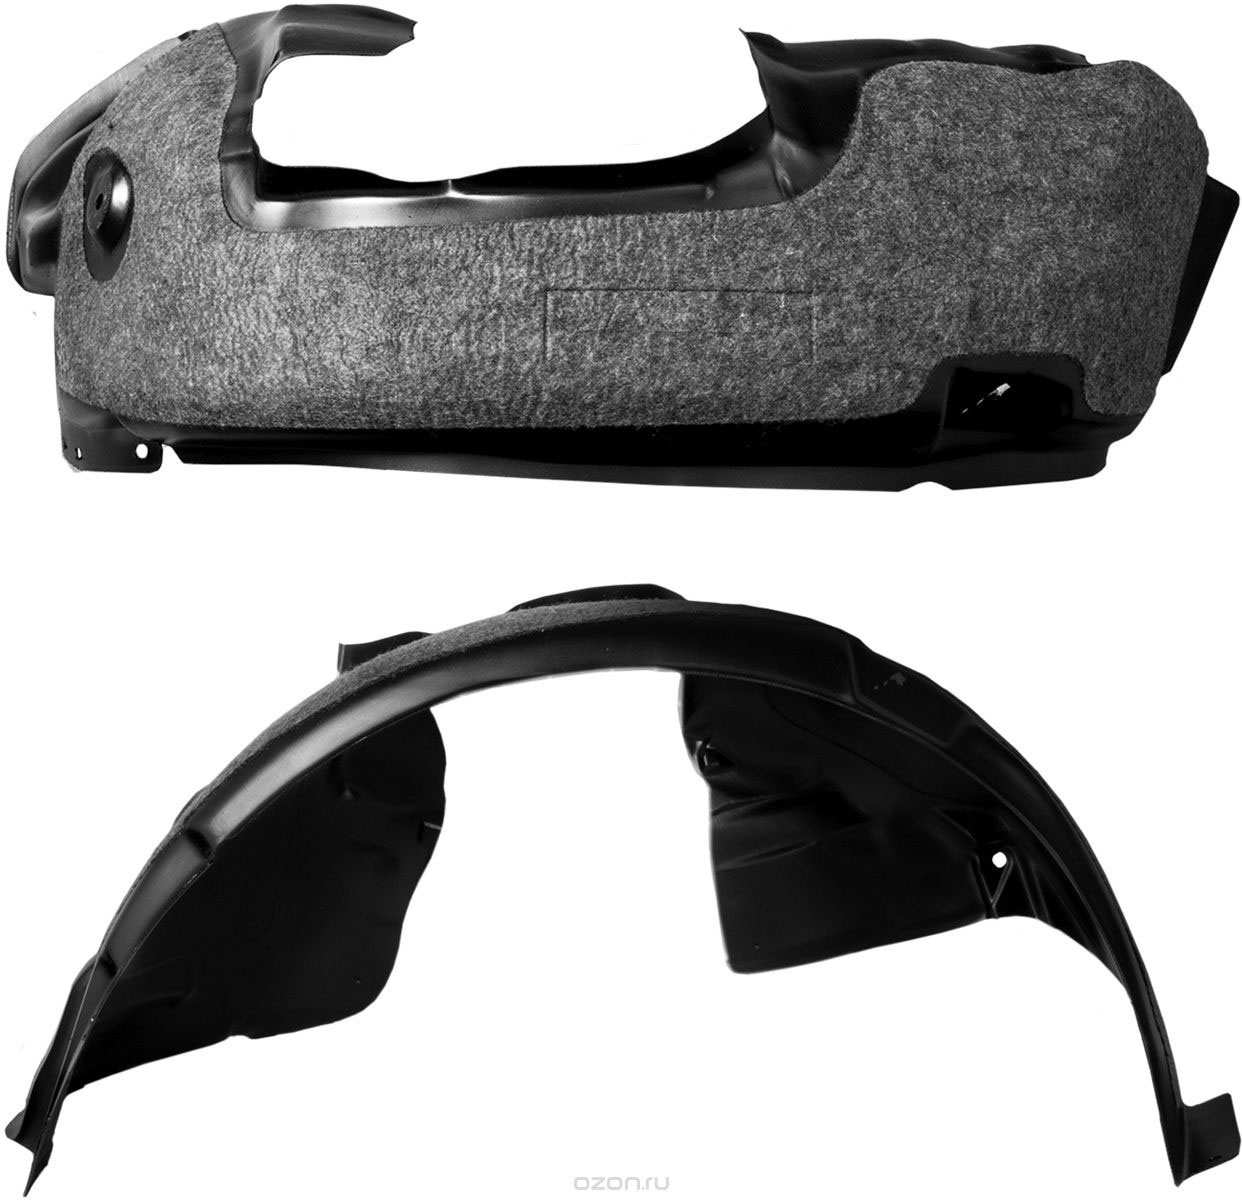 Подкрылок Novline-Autofamily с шумоизоляцией, для Suzuki SX4 new, 2013-2016, 2016->, 2wd+4wd, задний правыйNLS.47.02.004Идеальная защита колесной ниши. Локеры разработаны с применением цифровых технологий, гарантируют максимальную повторяемость поверхности арки. Изделия устанавливаются без нарушения лакокрасочного покрытия автомобиля, каждый подкрылок комплектуется крепежом. Уважаемые клиенты, обращаем ваше внимание, что фотографии на подкрылки универсальные и не отражают реальную форму изделия. При этом само изделие идет точно под размер указанного автомобиля.